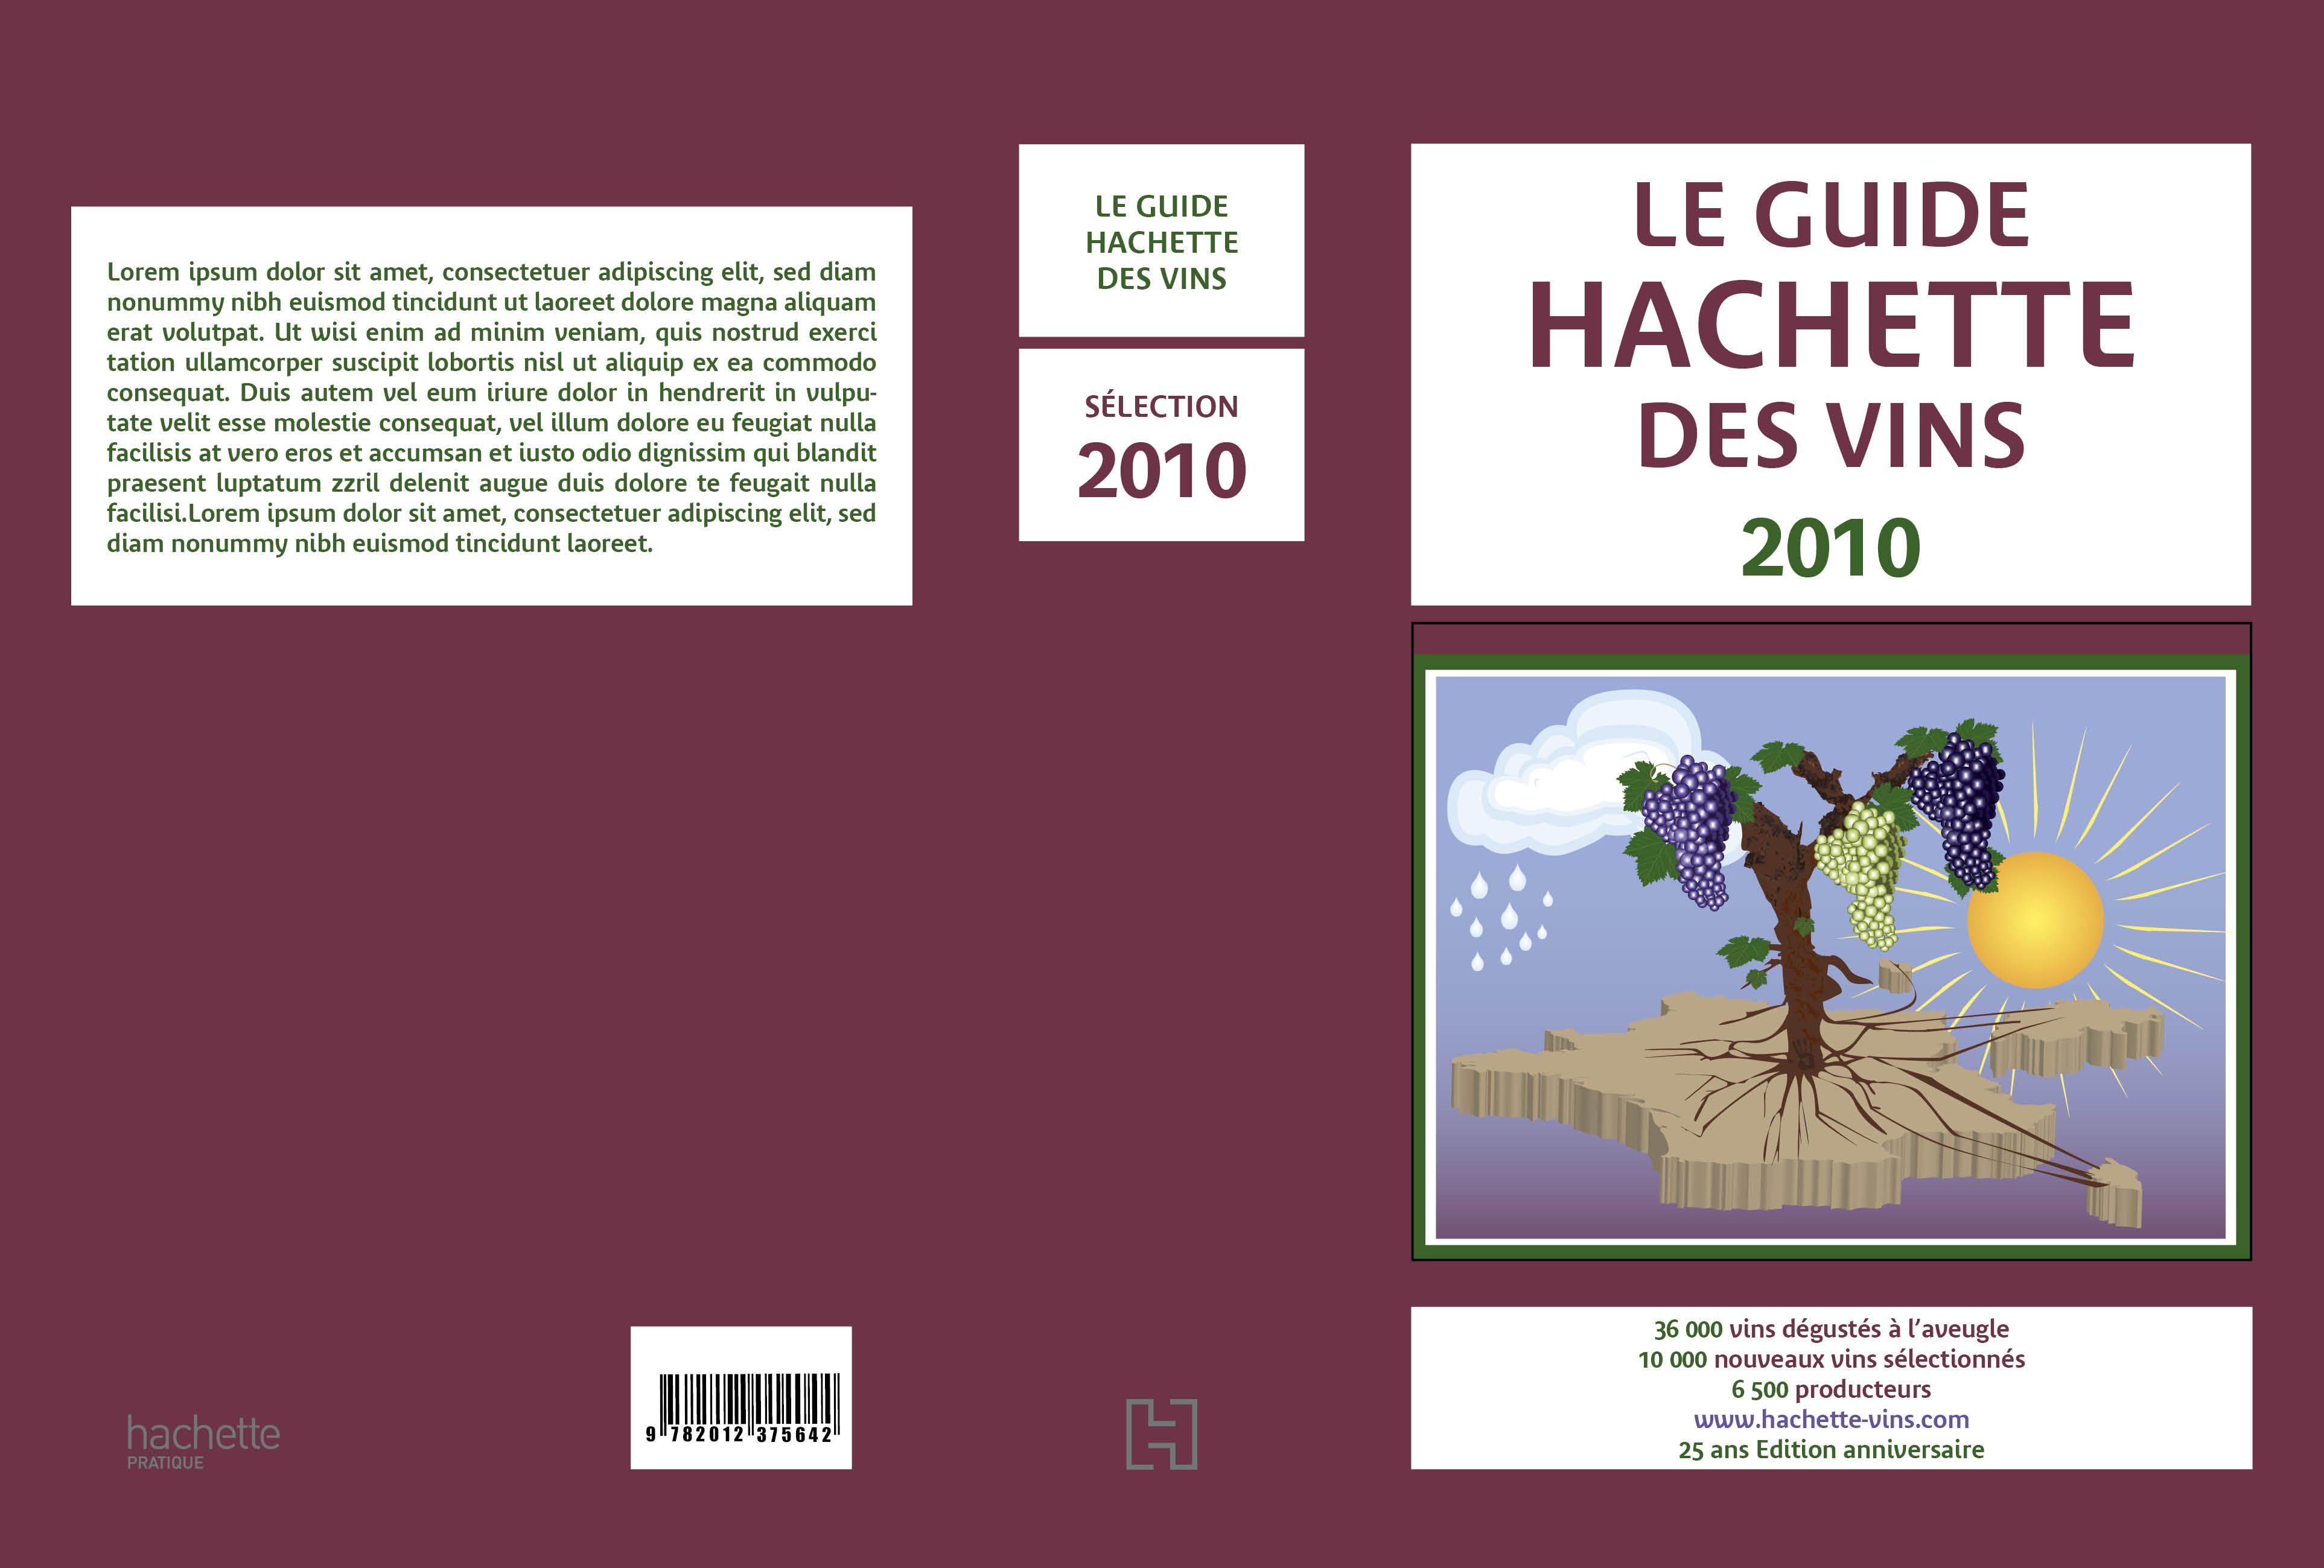 Le Guide Hachette des Vins édition 2010